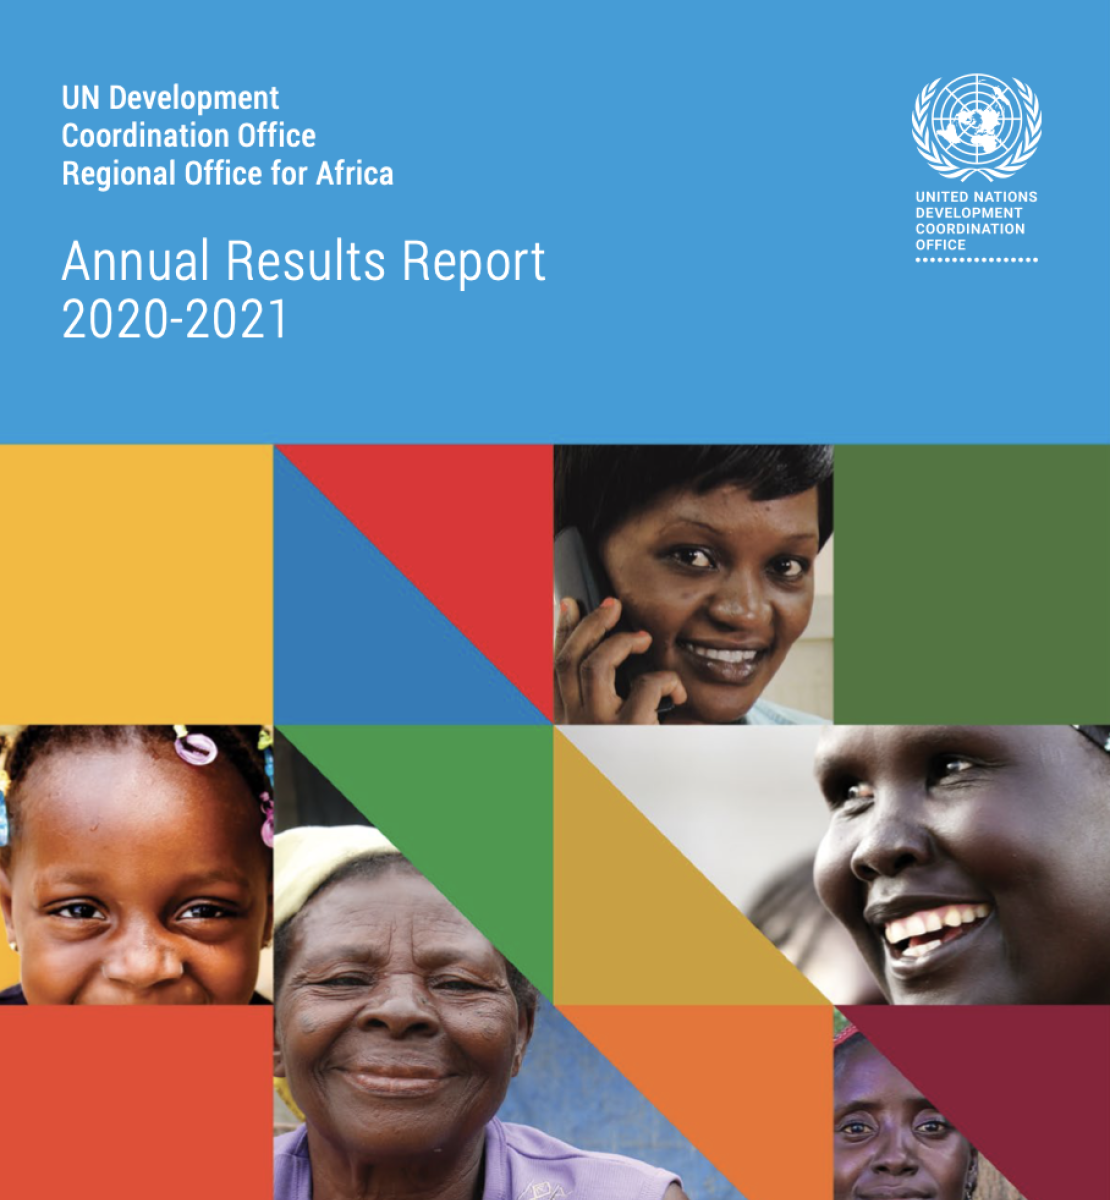 غلاف ملون للتقرير السنوي 2020-2021 مع وجوه أشخاص عدة يبتسمون للكاميرا.